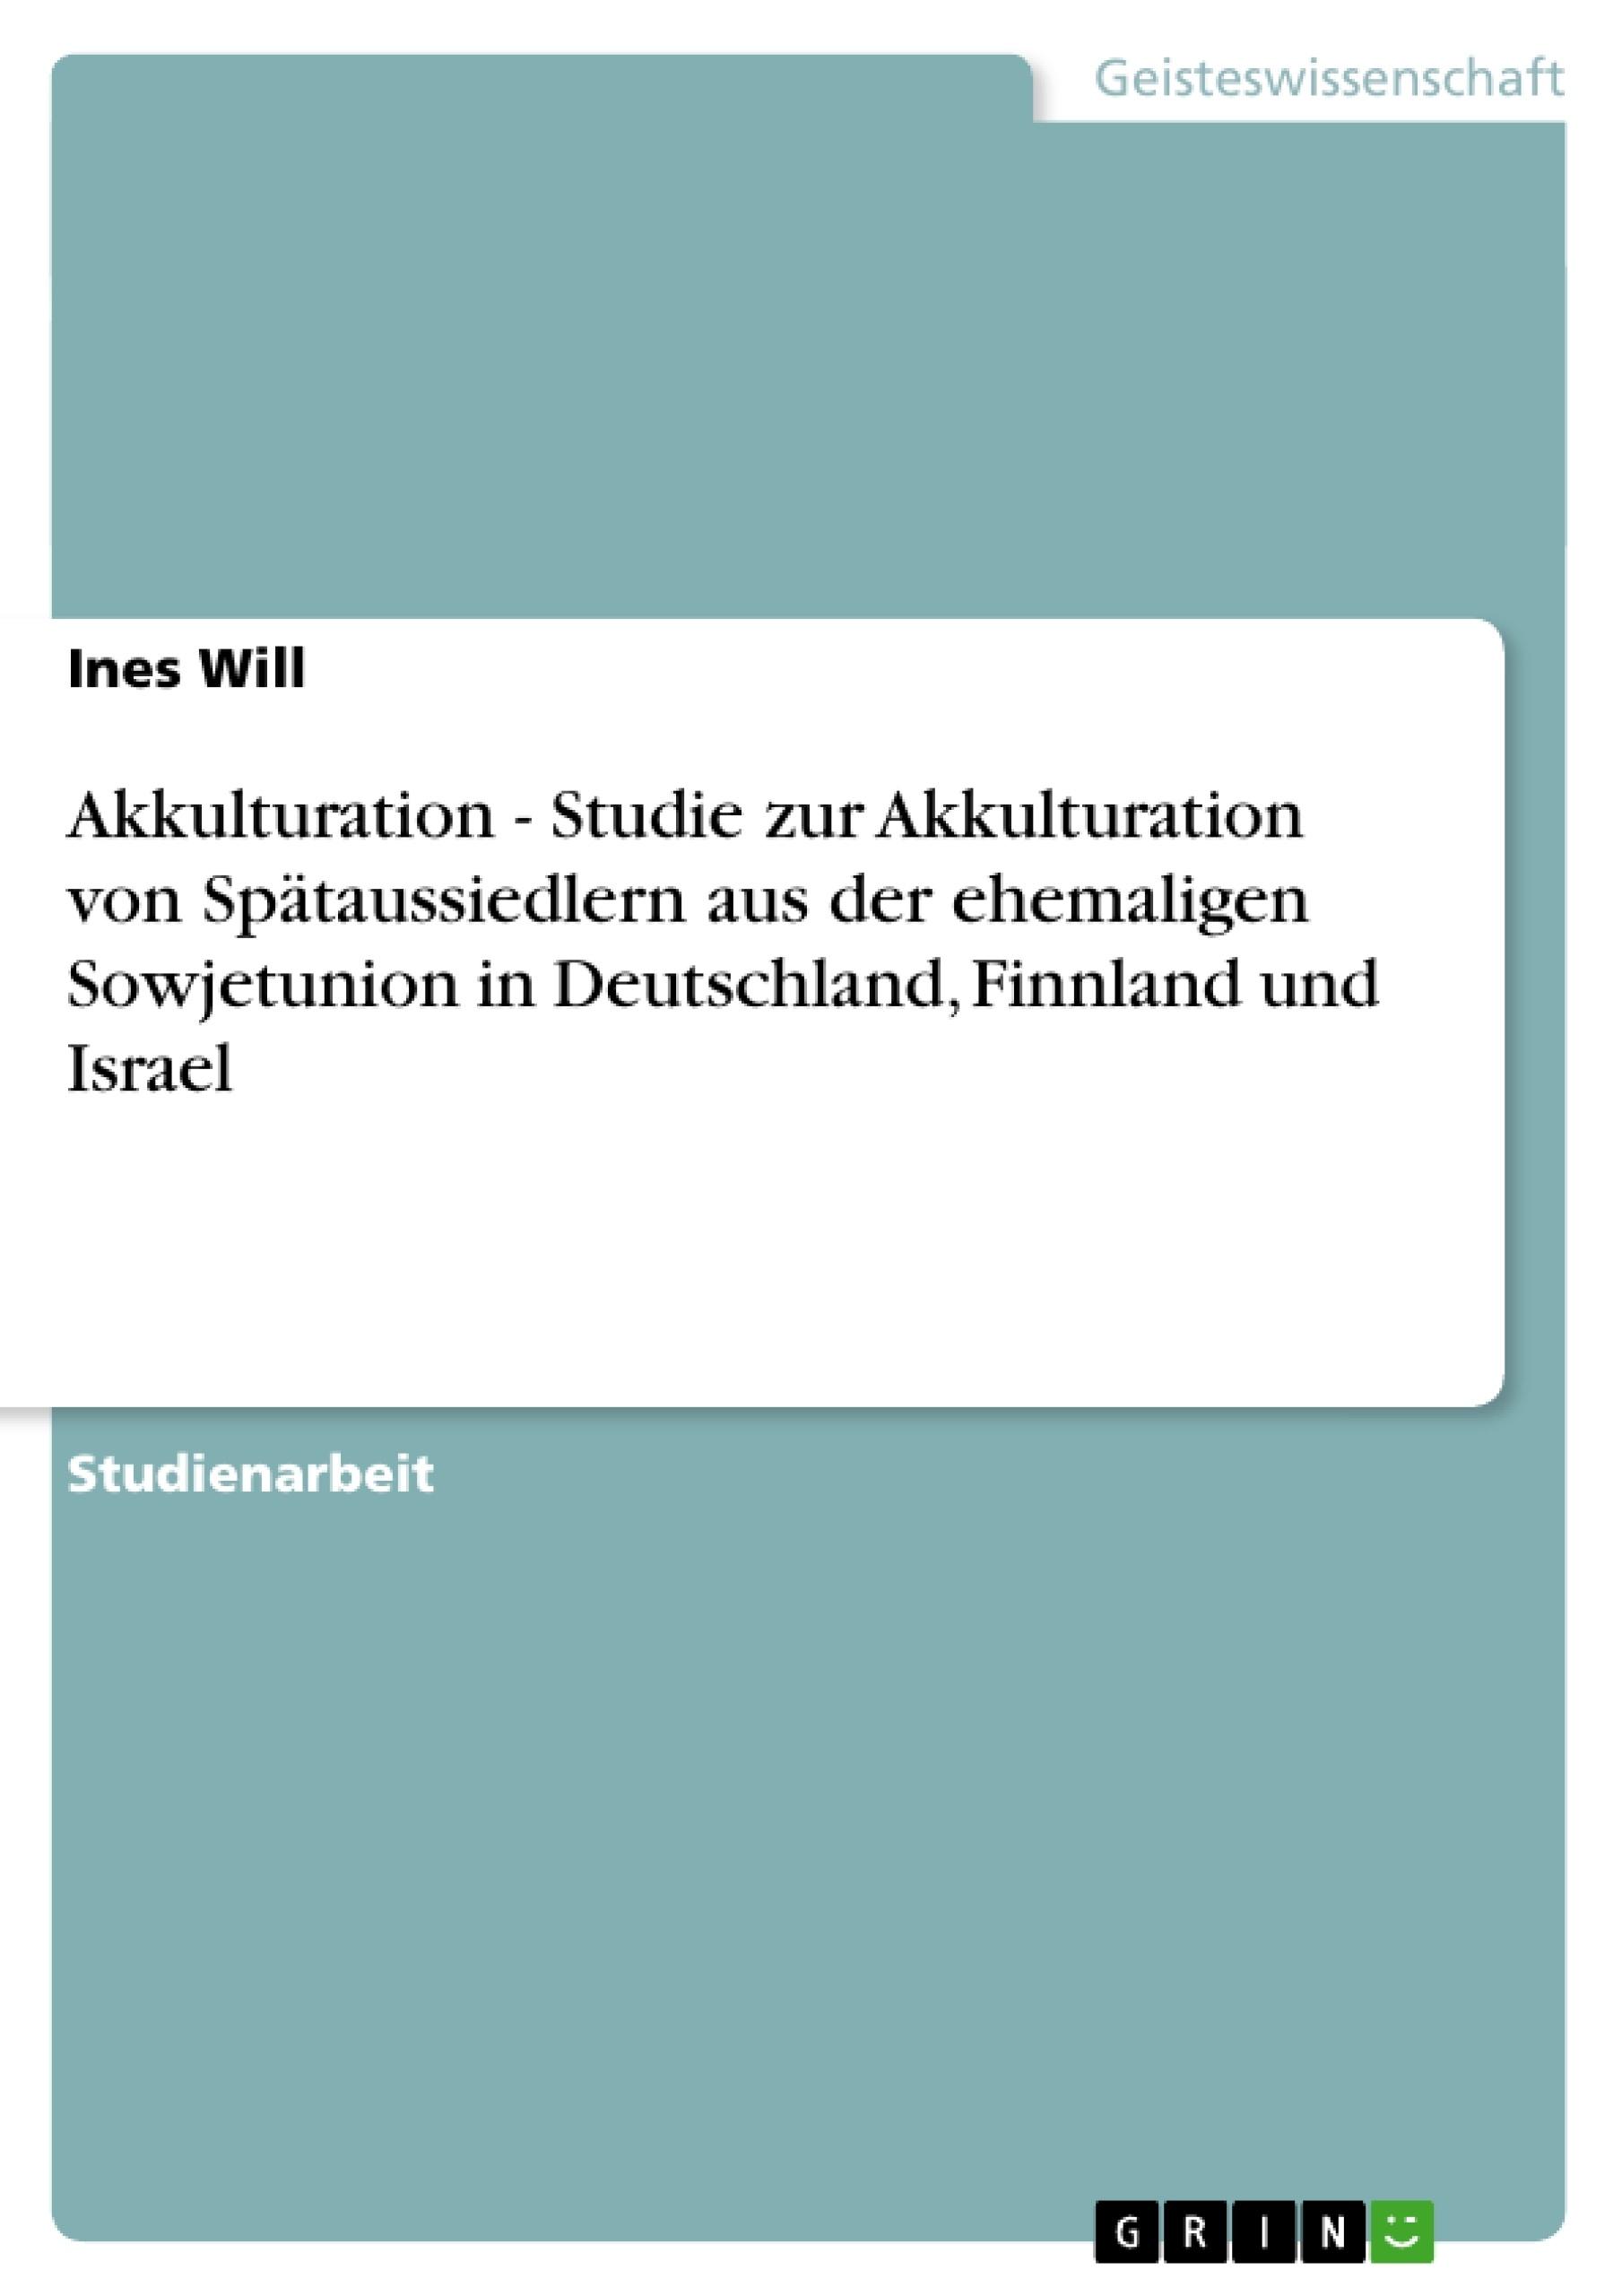 Titel: Akkulturation  -  Studie zur Akkulturation von Spätaussiedlern aus der ehemaligen Sowjetunion in Deutschland, Finnland und Israel